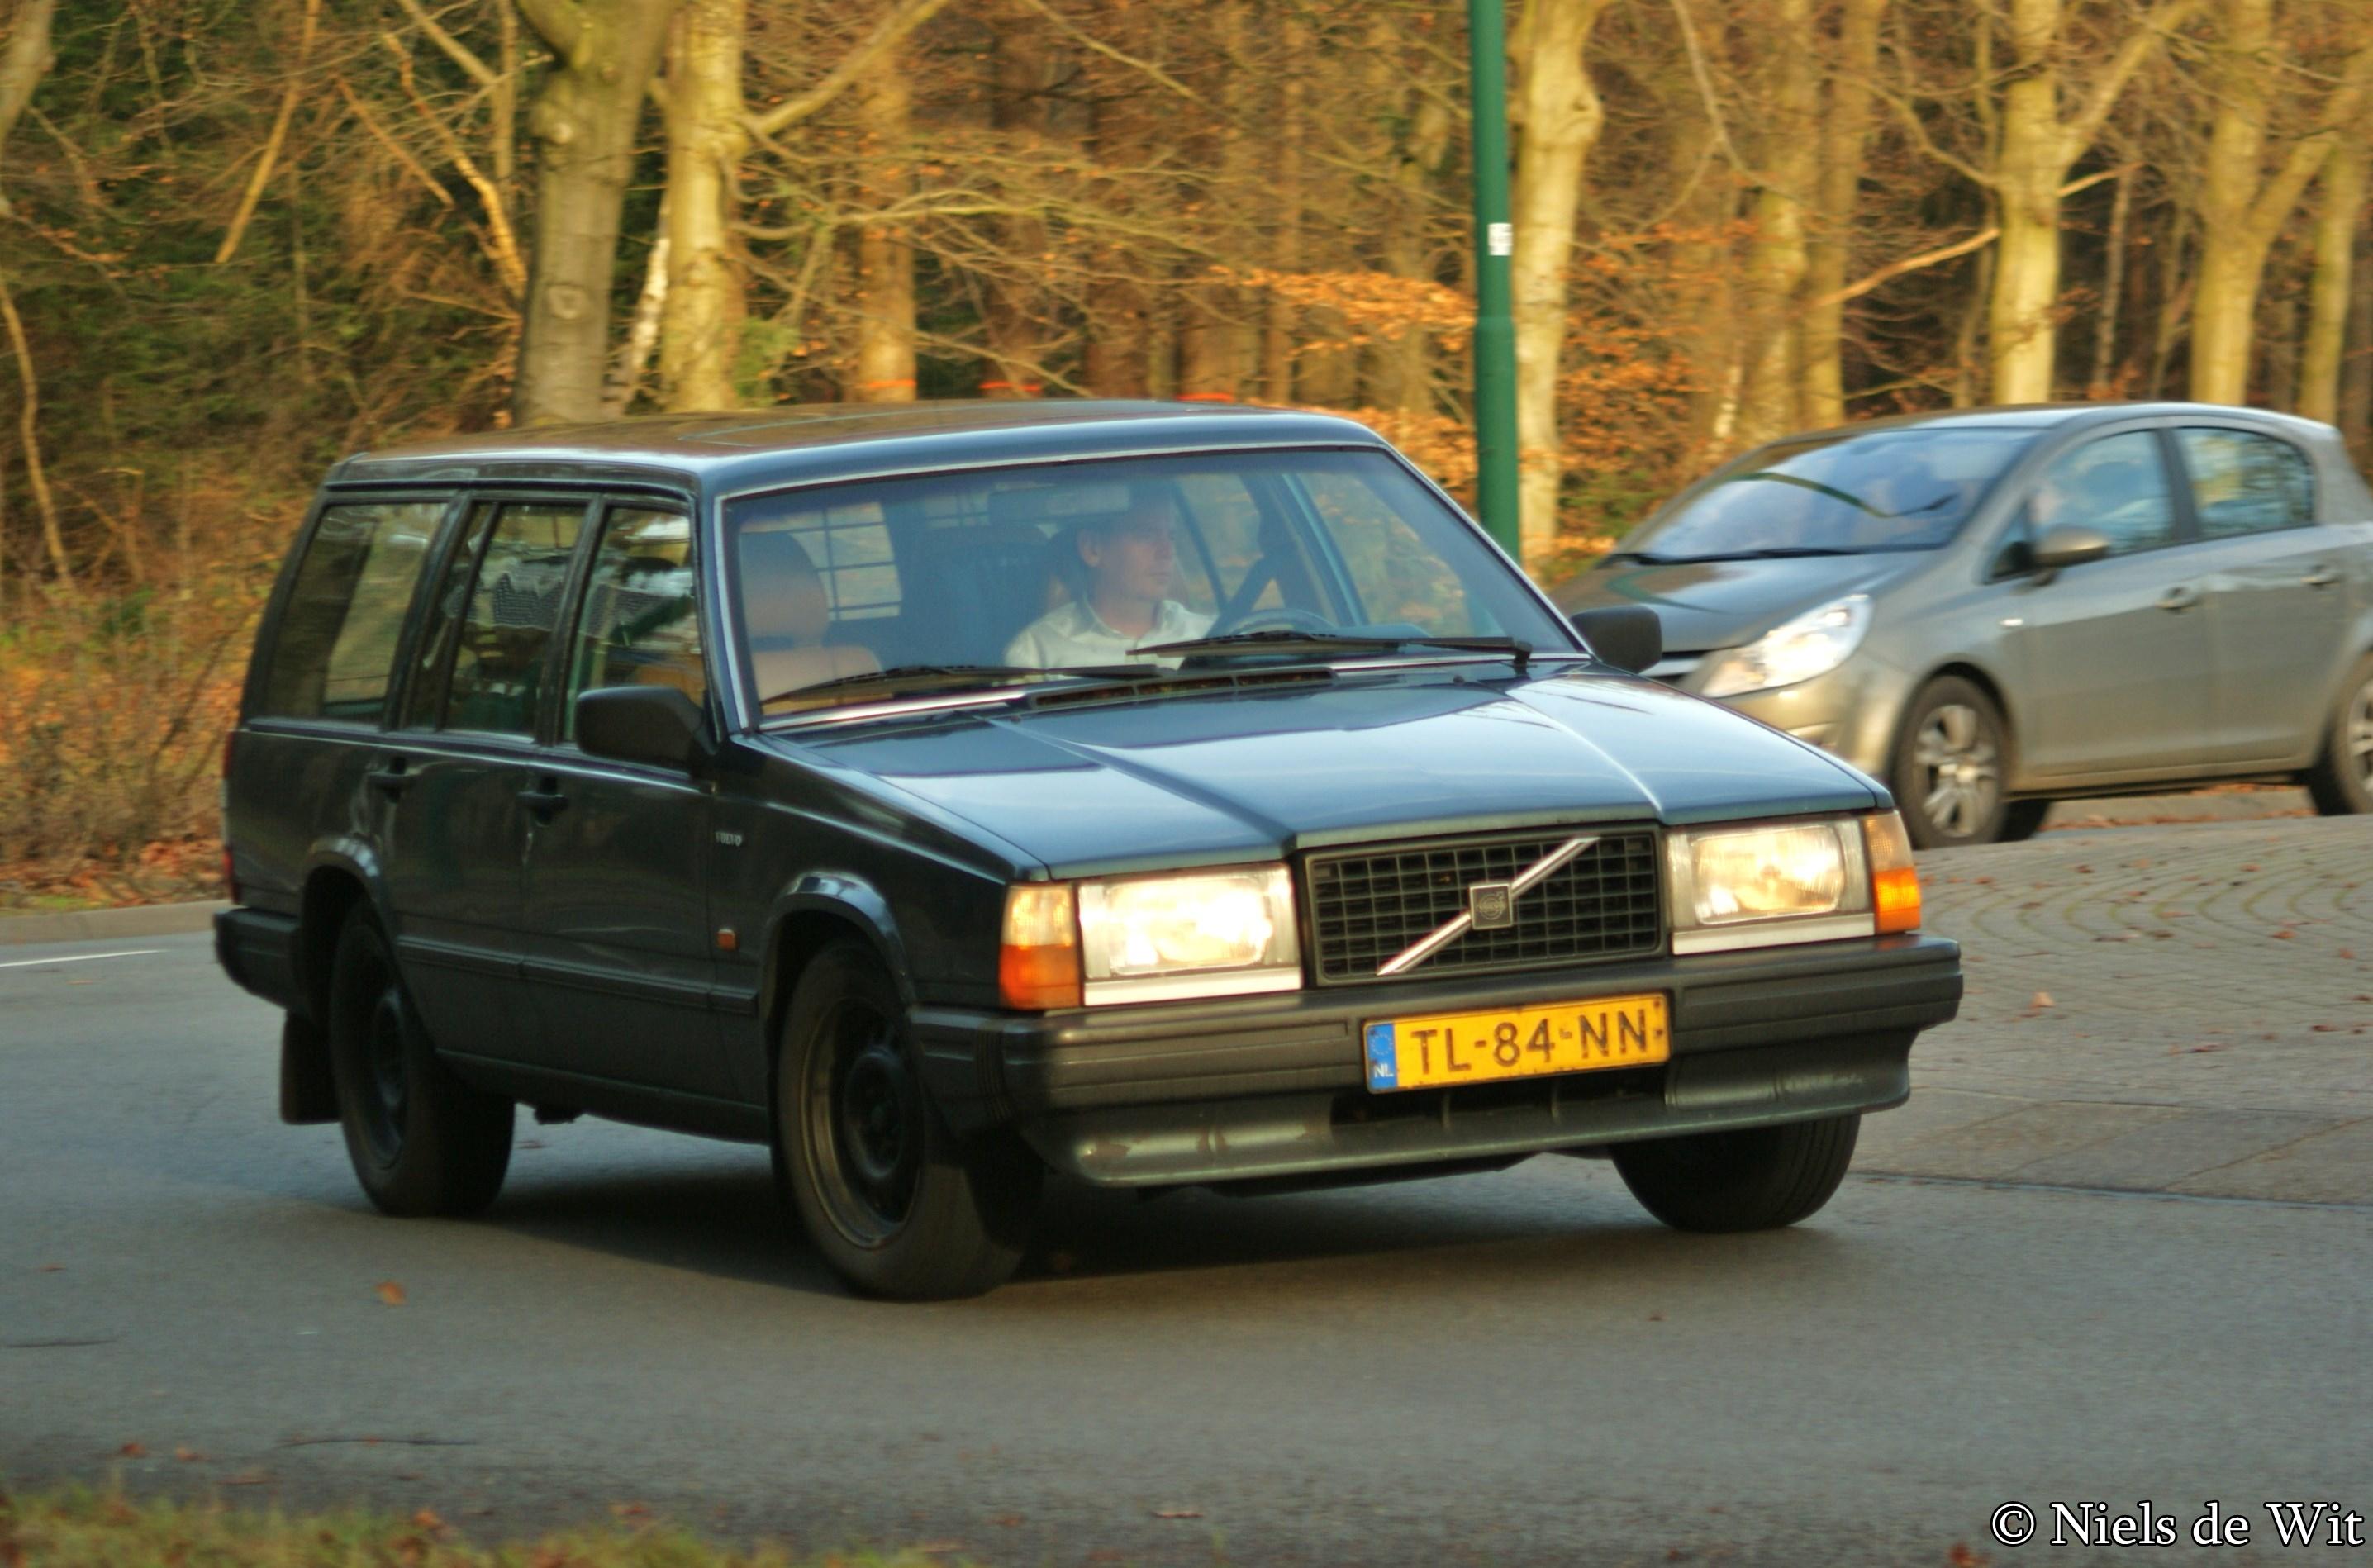 File:1986 Volvo 740 Estate GLE Turbo Diesel (11404858073).jpg - Wikimedia Commons